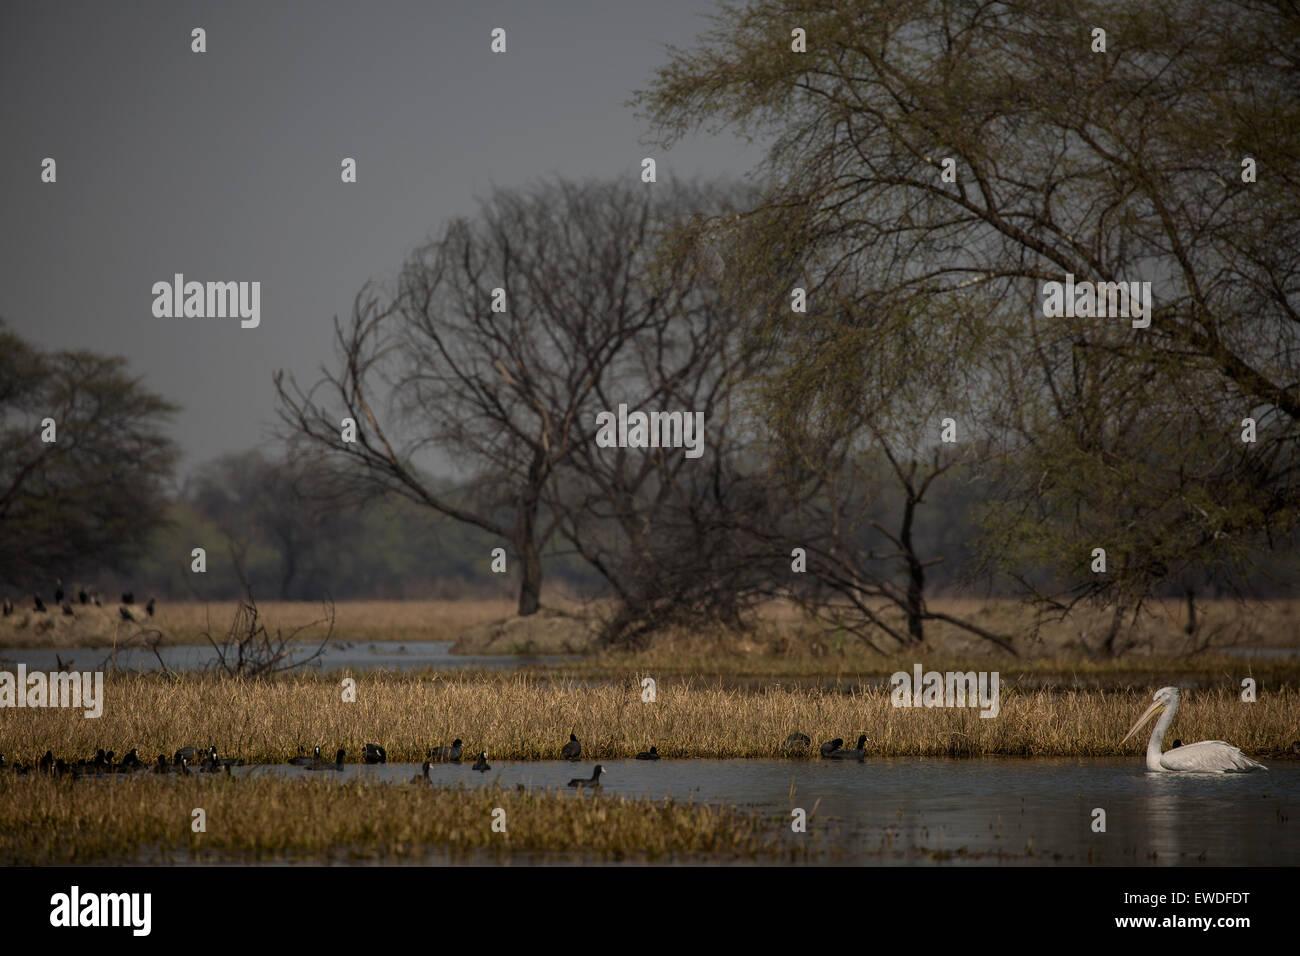 Pelican in water - Stock Image